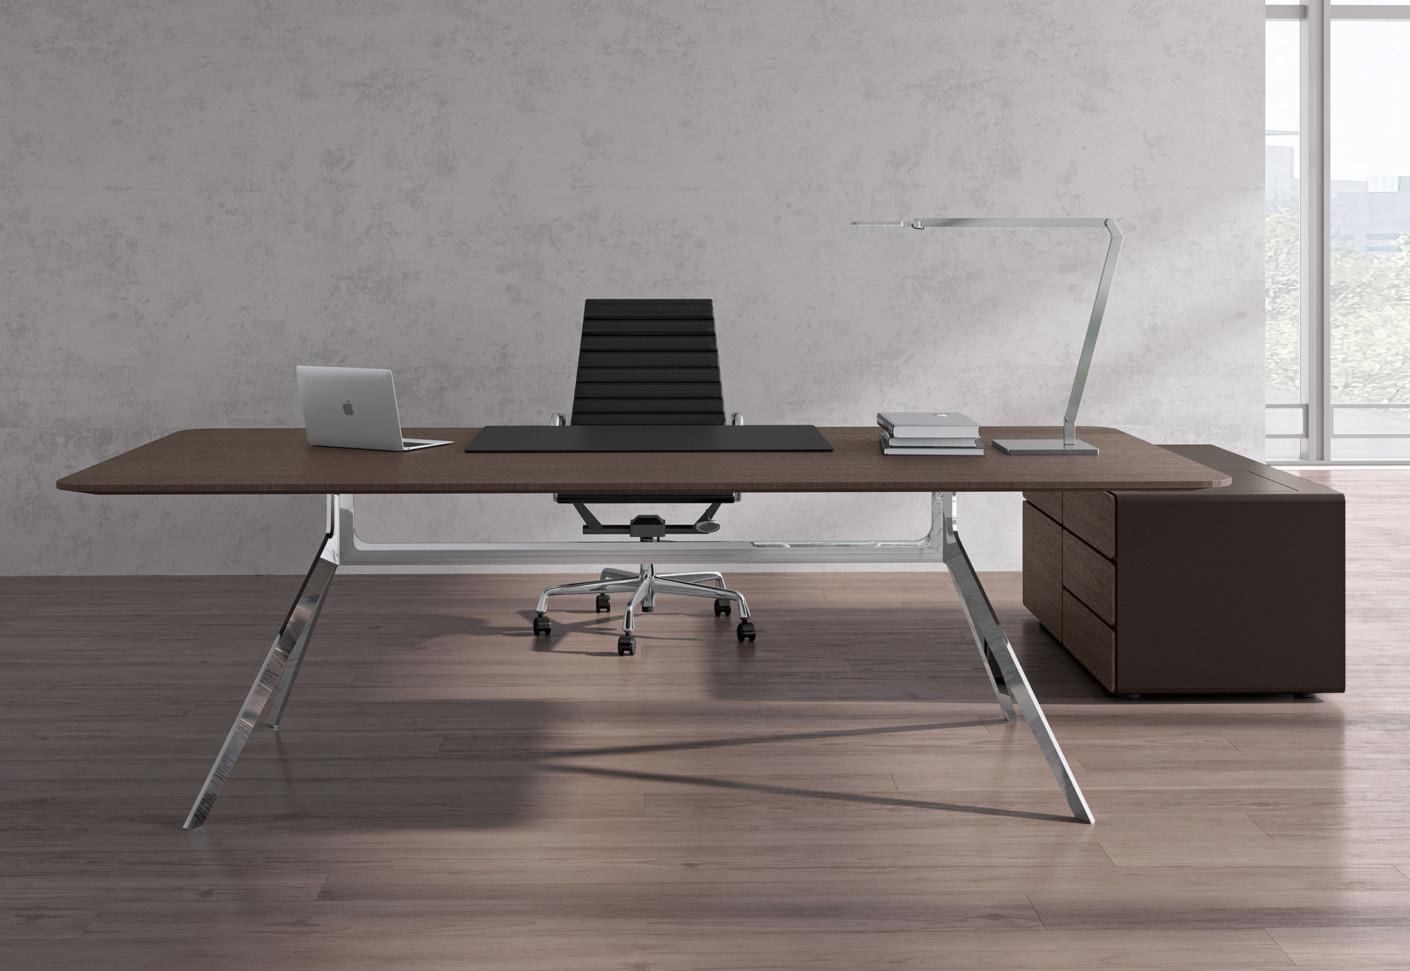 Star working desk by Renz